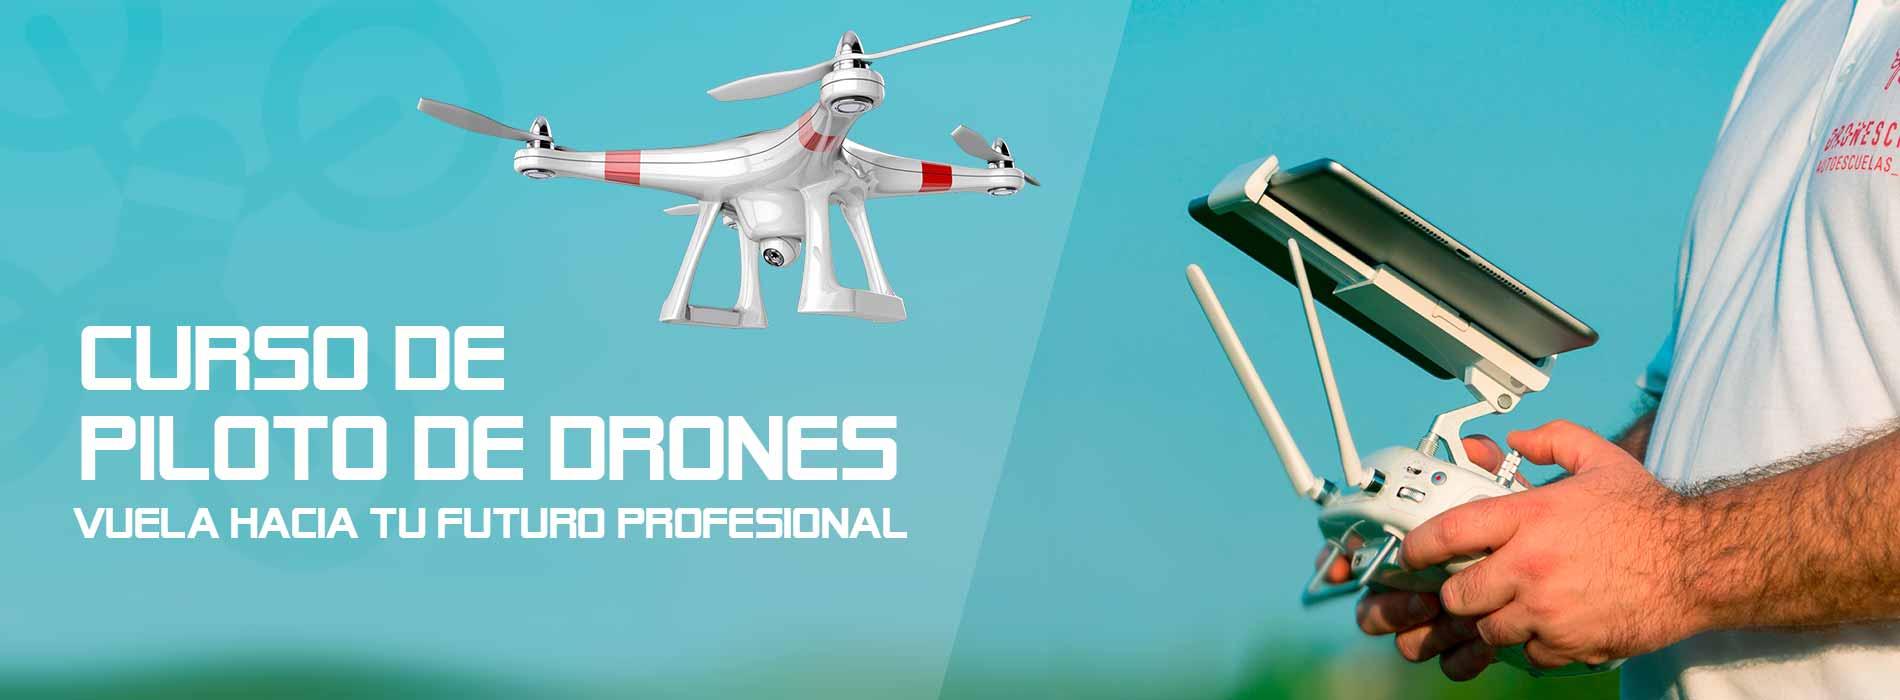 curso piloto de drones valencia